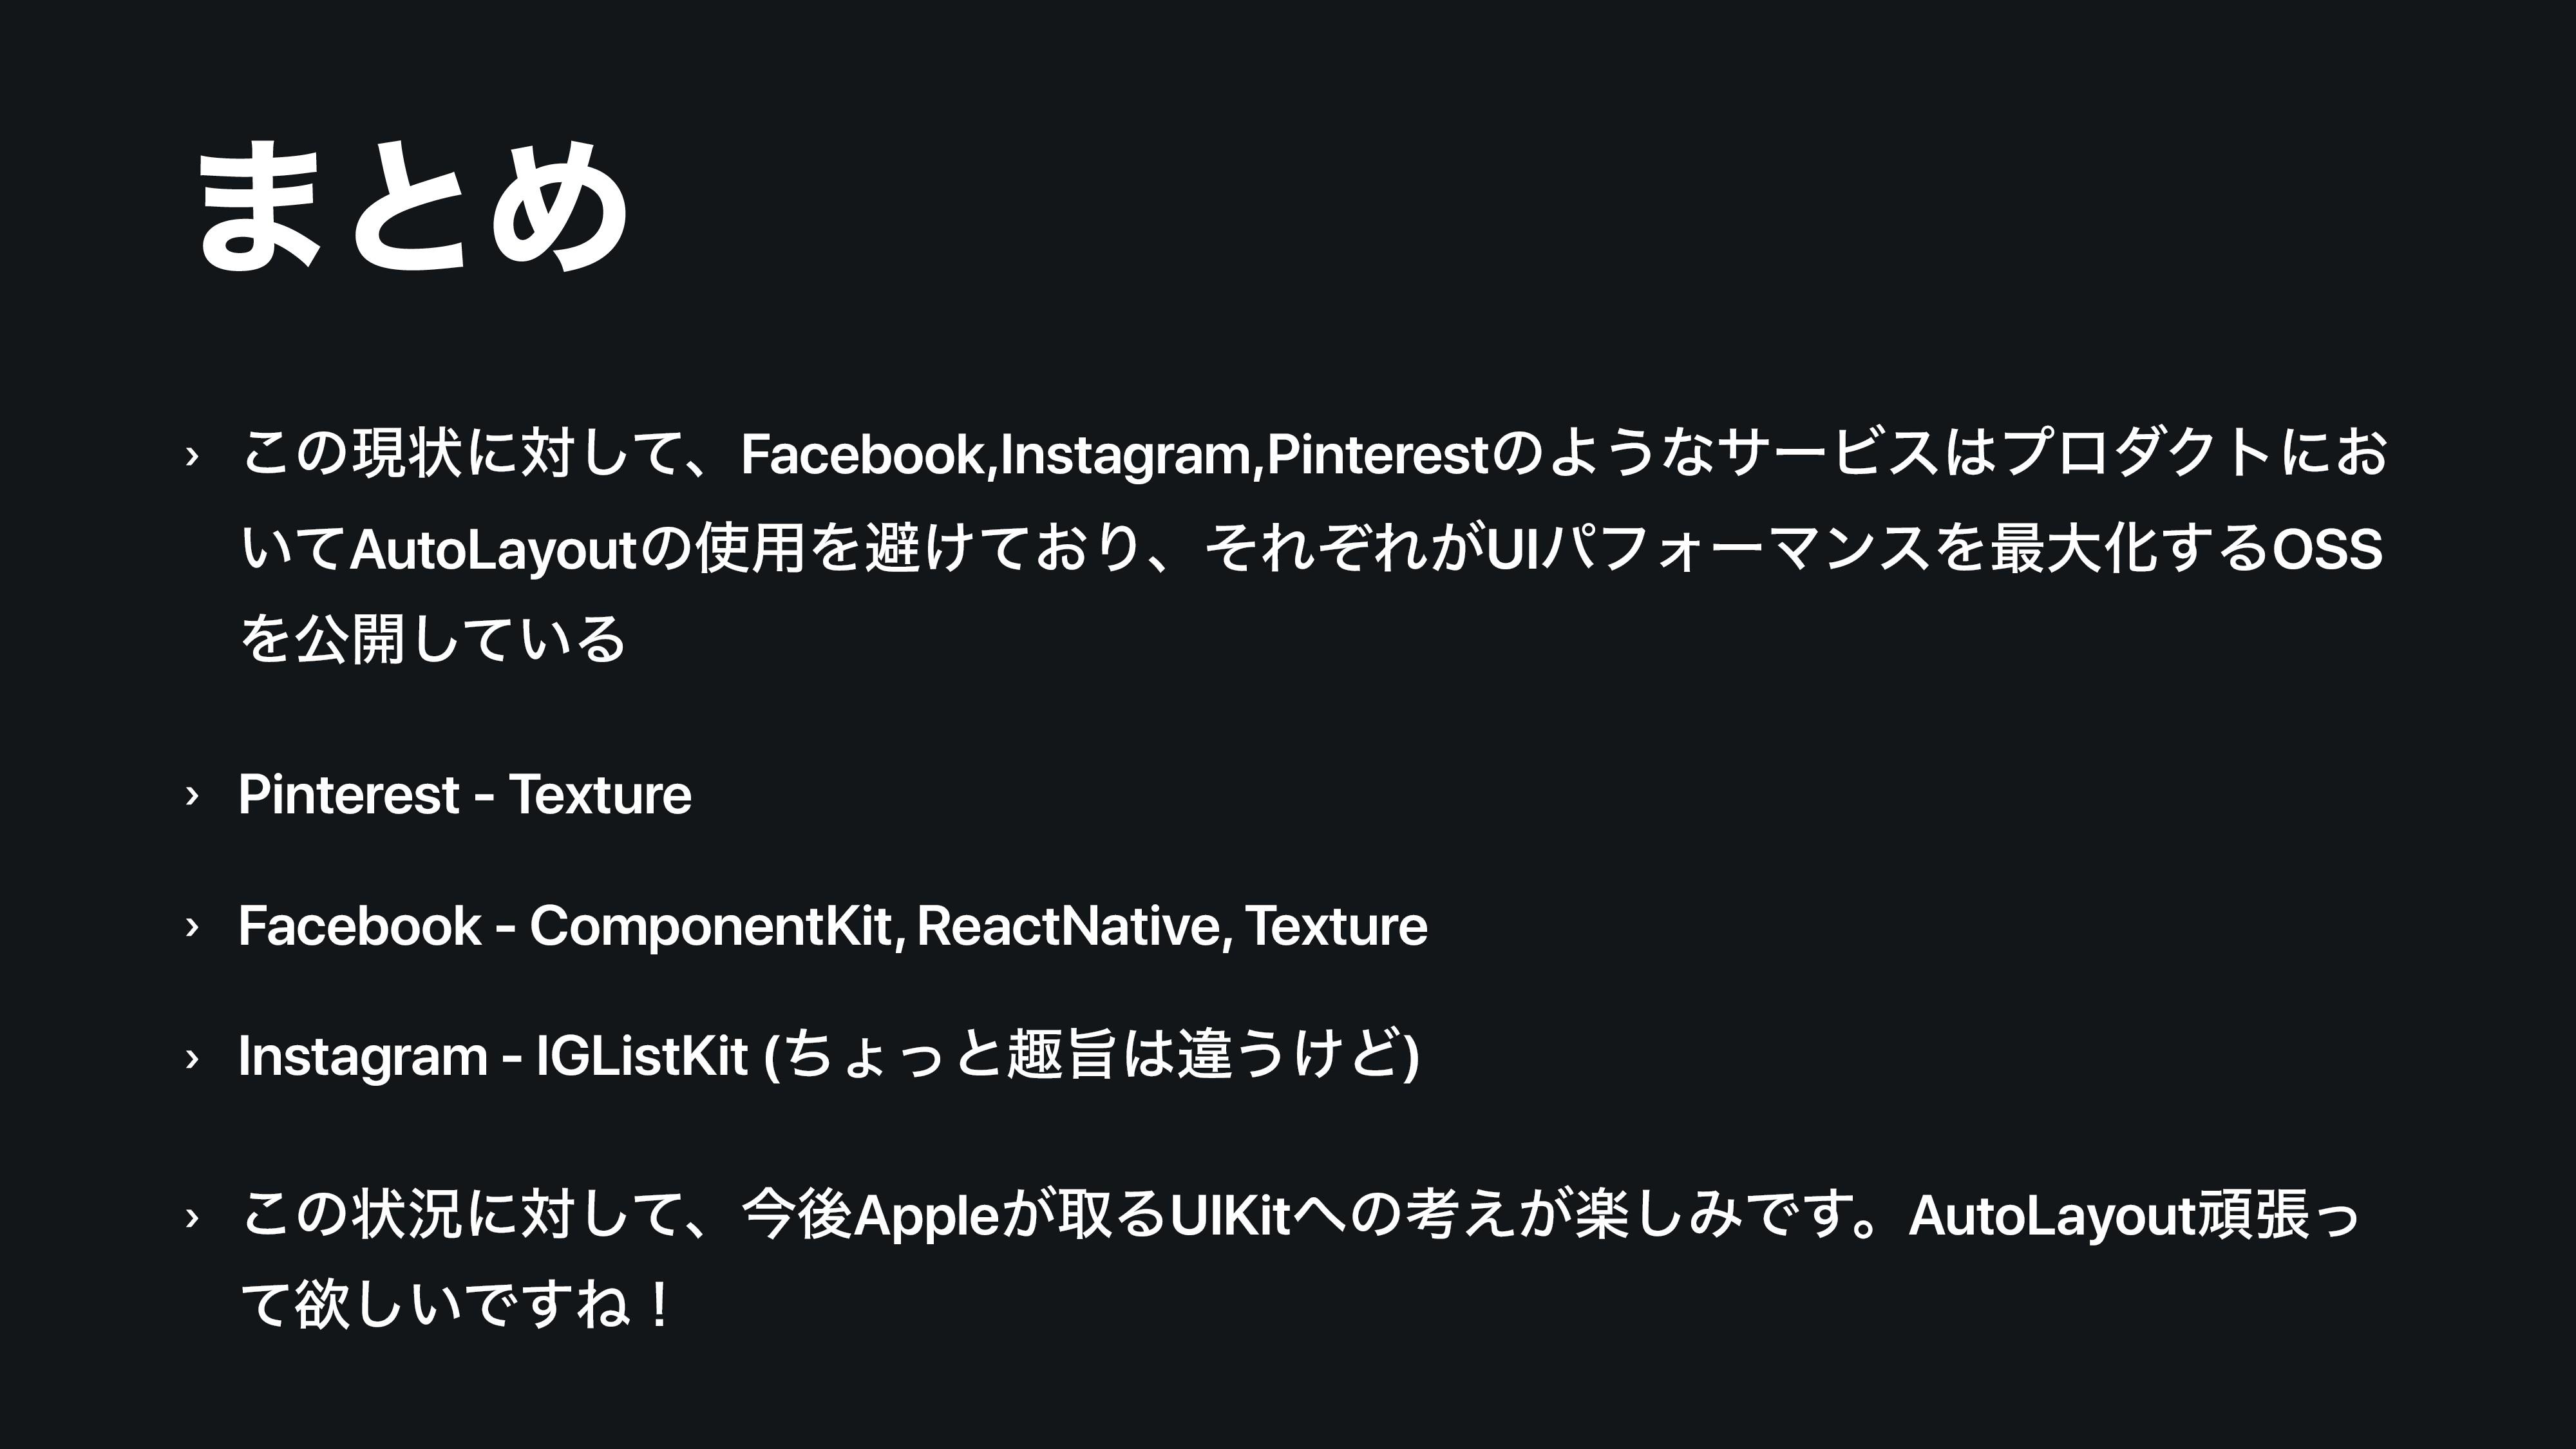 ·ͱΊ › ͜ͷݱঢ়ʹରͯ͠ɺFacebook,Instagram,PinterestͷΑ͏ͳ...